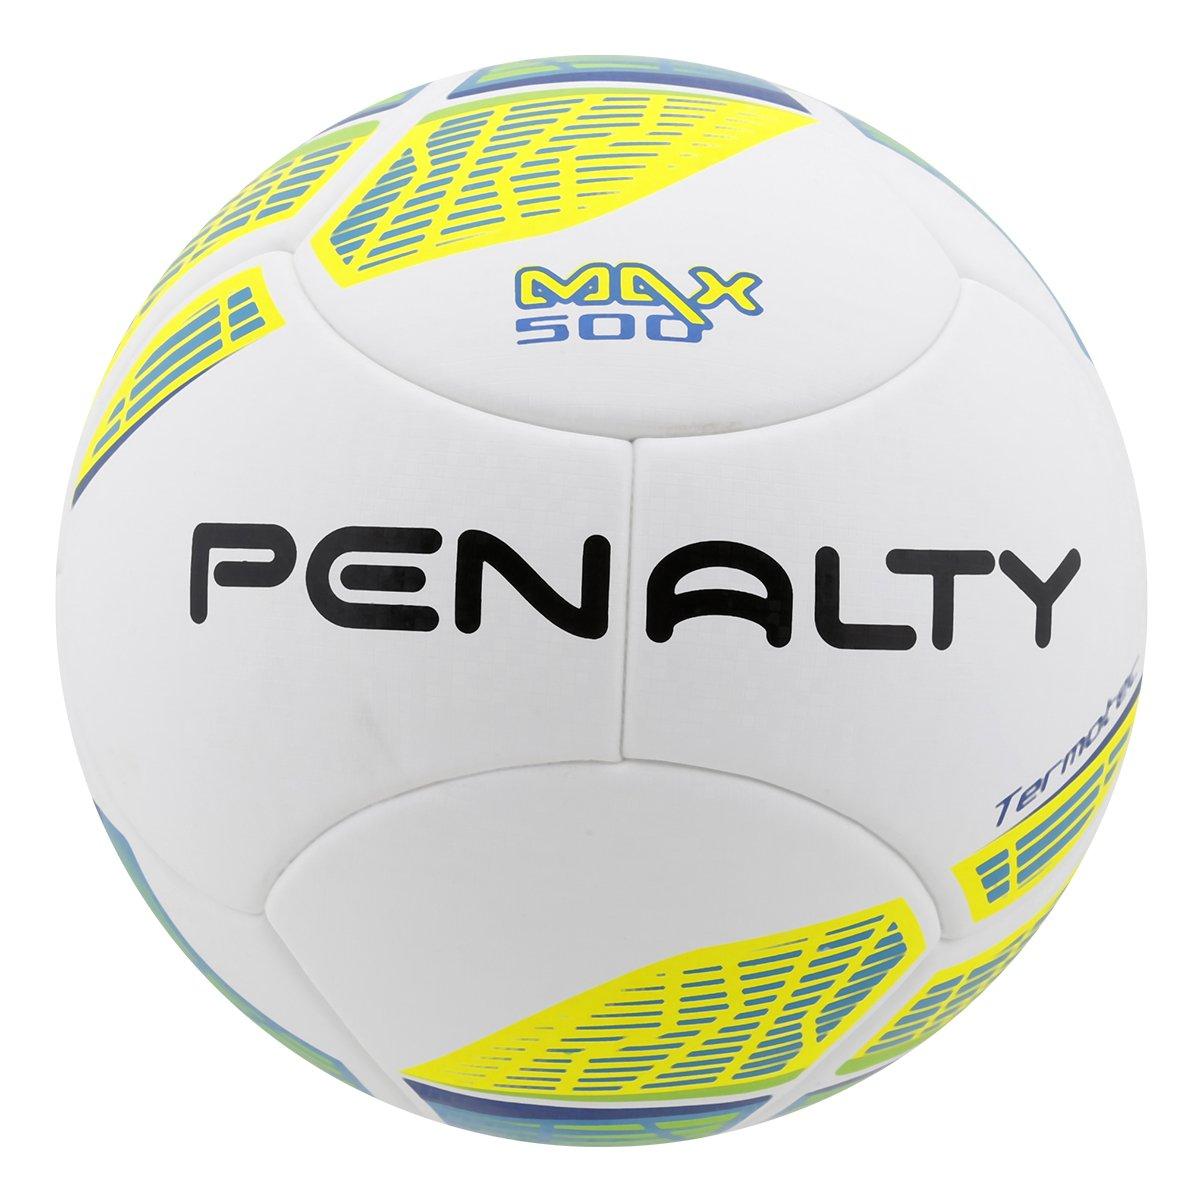 1aa9e810d0858 Bola Futebol Penalty Max 500 Termotec 5 Futsal - Compre Agora